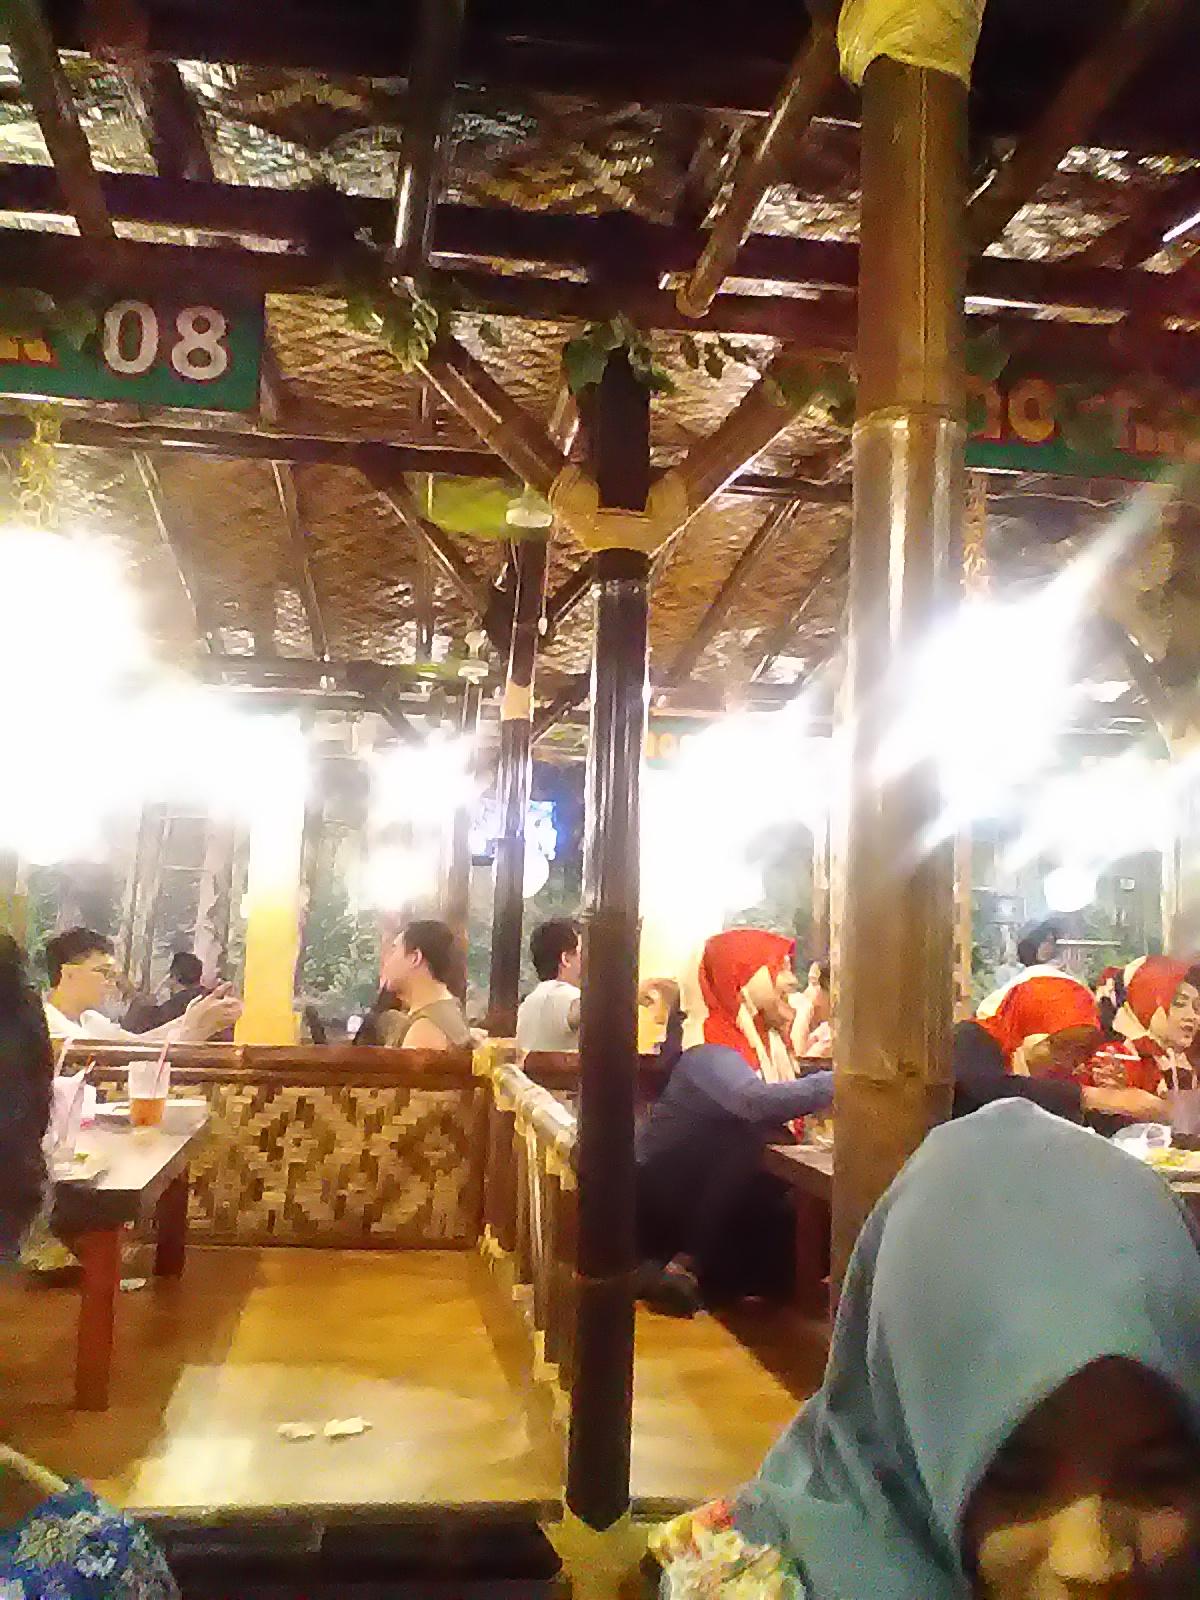 lemon tea tempat makan saoenk kito tanjung duren rh karinprasetyaningtyas blogspot com